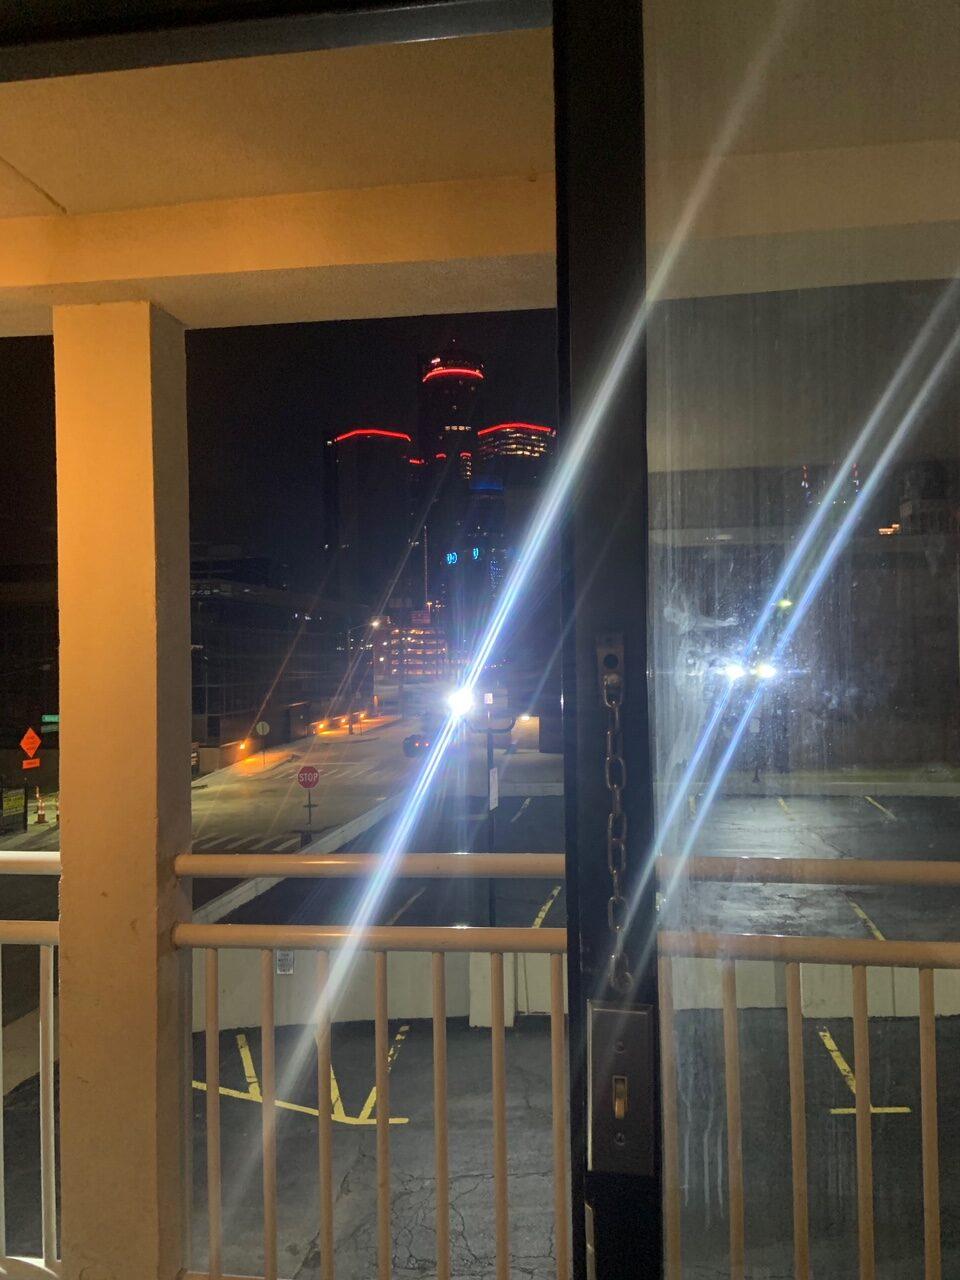 Scene outside of Detroit hotel room